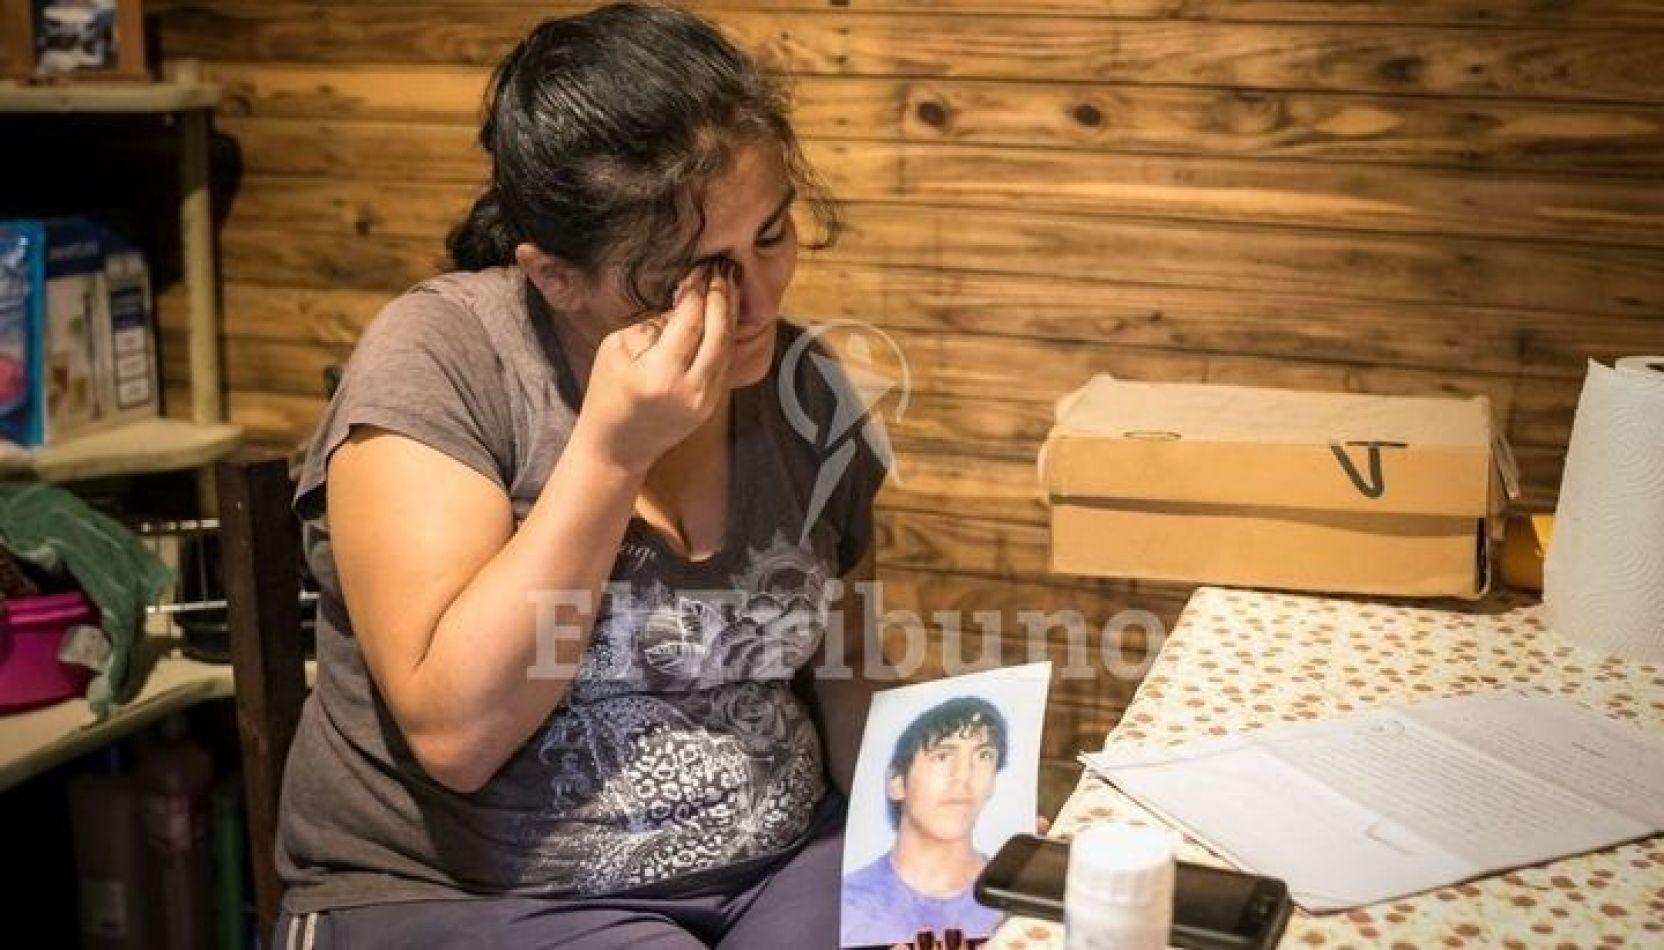 Buscan determinar si el joven acusado de abusar de su mamá es inimputable